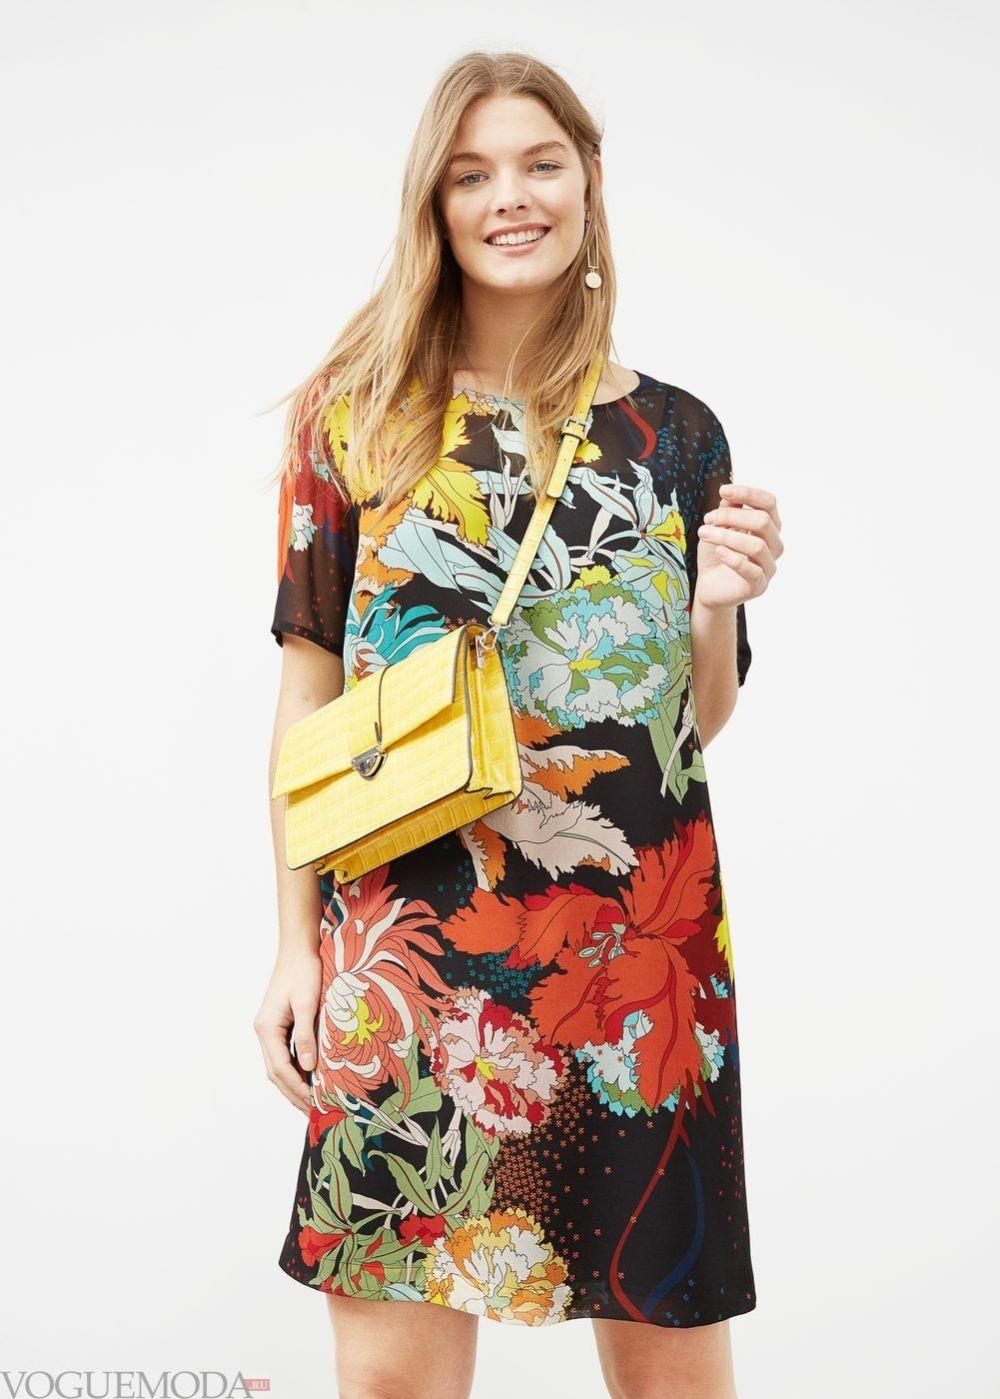 платья 2018 года модные тенденции фото: а-силуэт в цветы